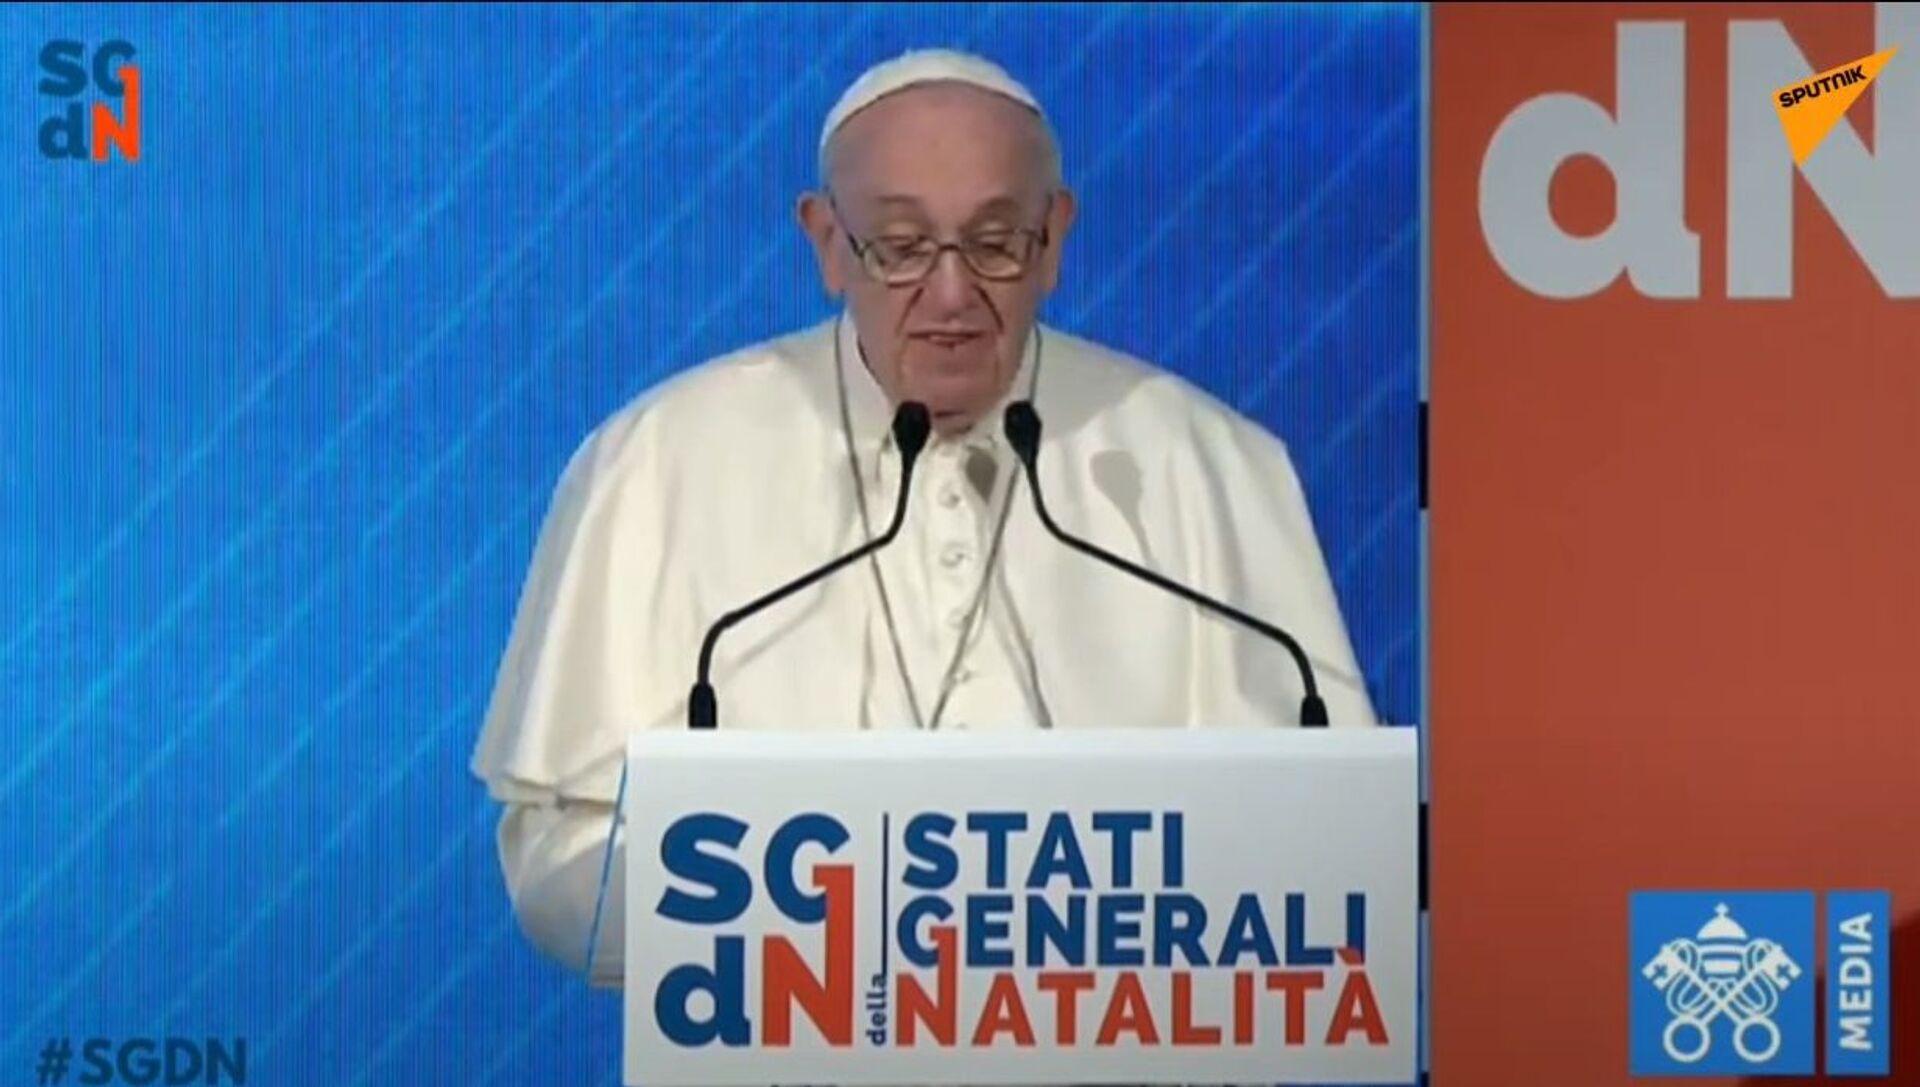 Papa Bergoglio è intervenuto agli Stati Generali della Natalità organizzati dal Forum delle associazioni famigliari - Sputnik Italia, 1920, 14.05.2021